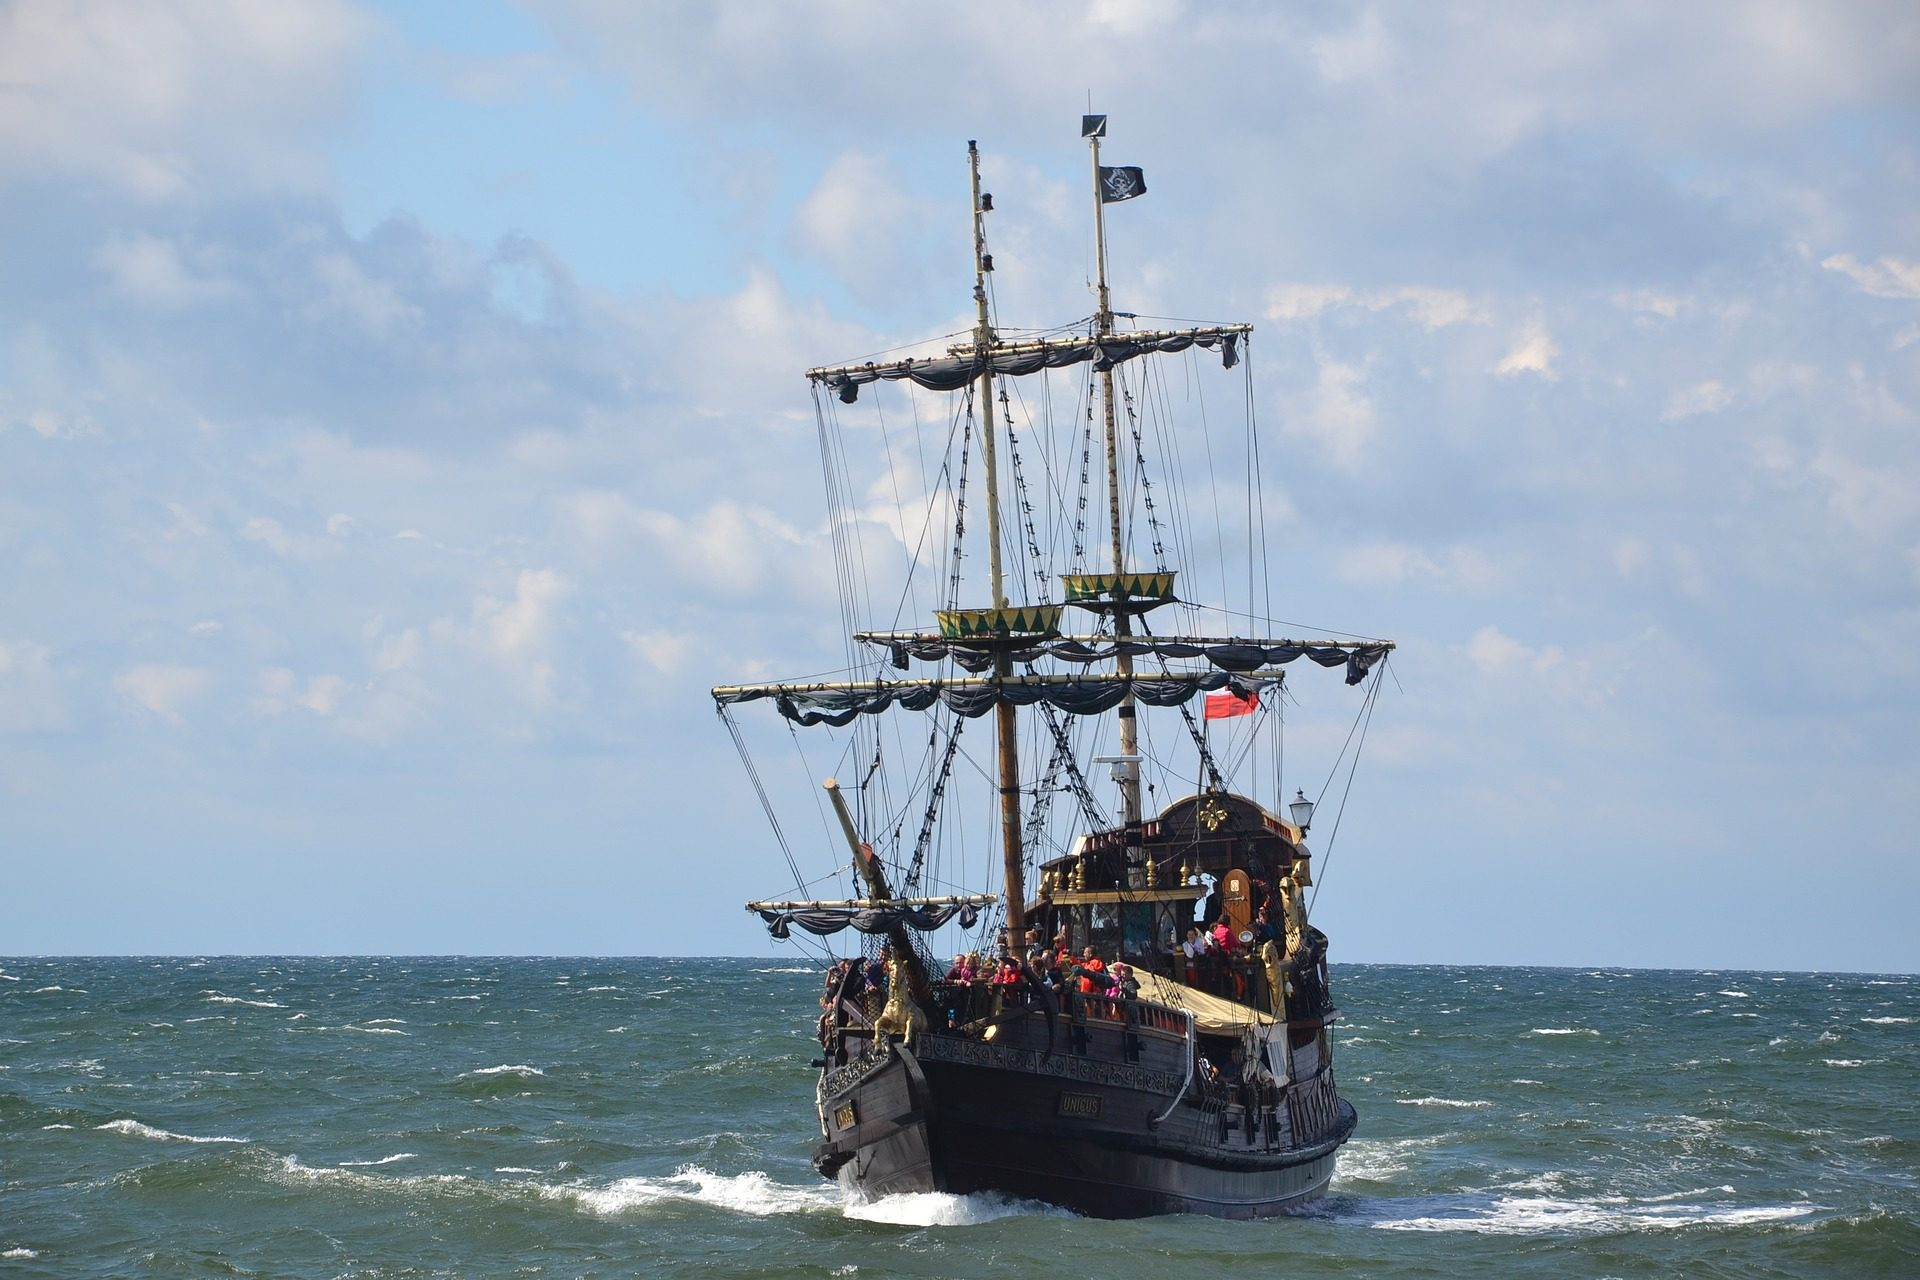 barco, Segelboot, Pirat, Masten, Kerzen, eBoot Meer - Wallpaper HD - Prof.-falken.com